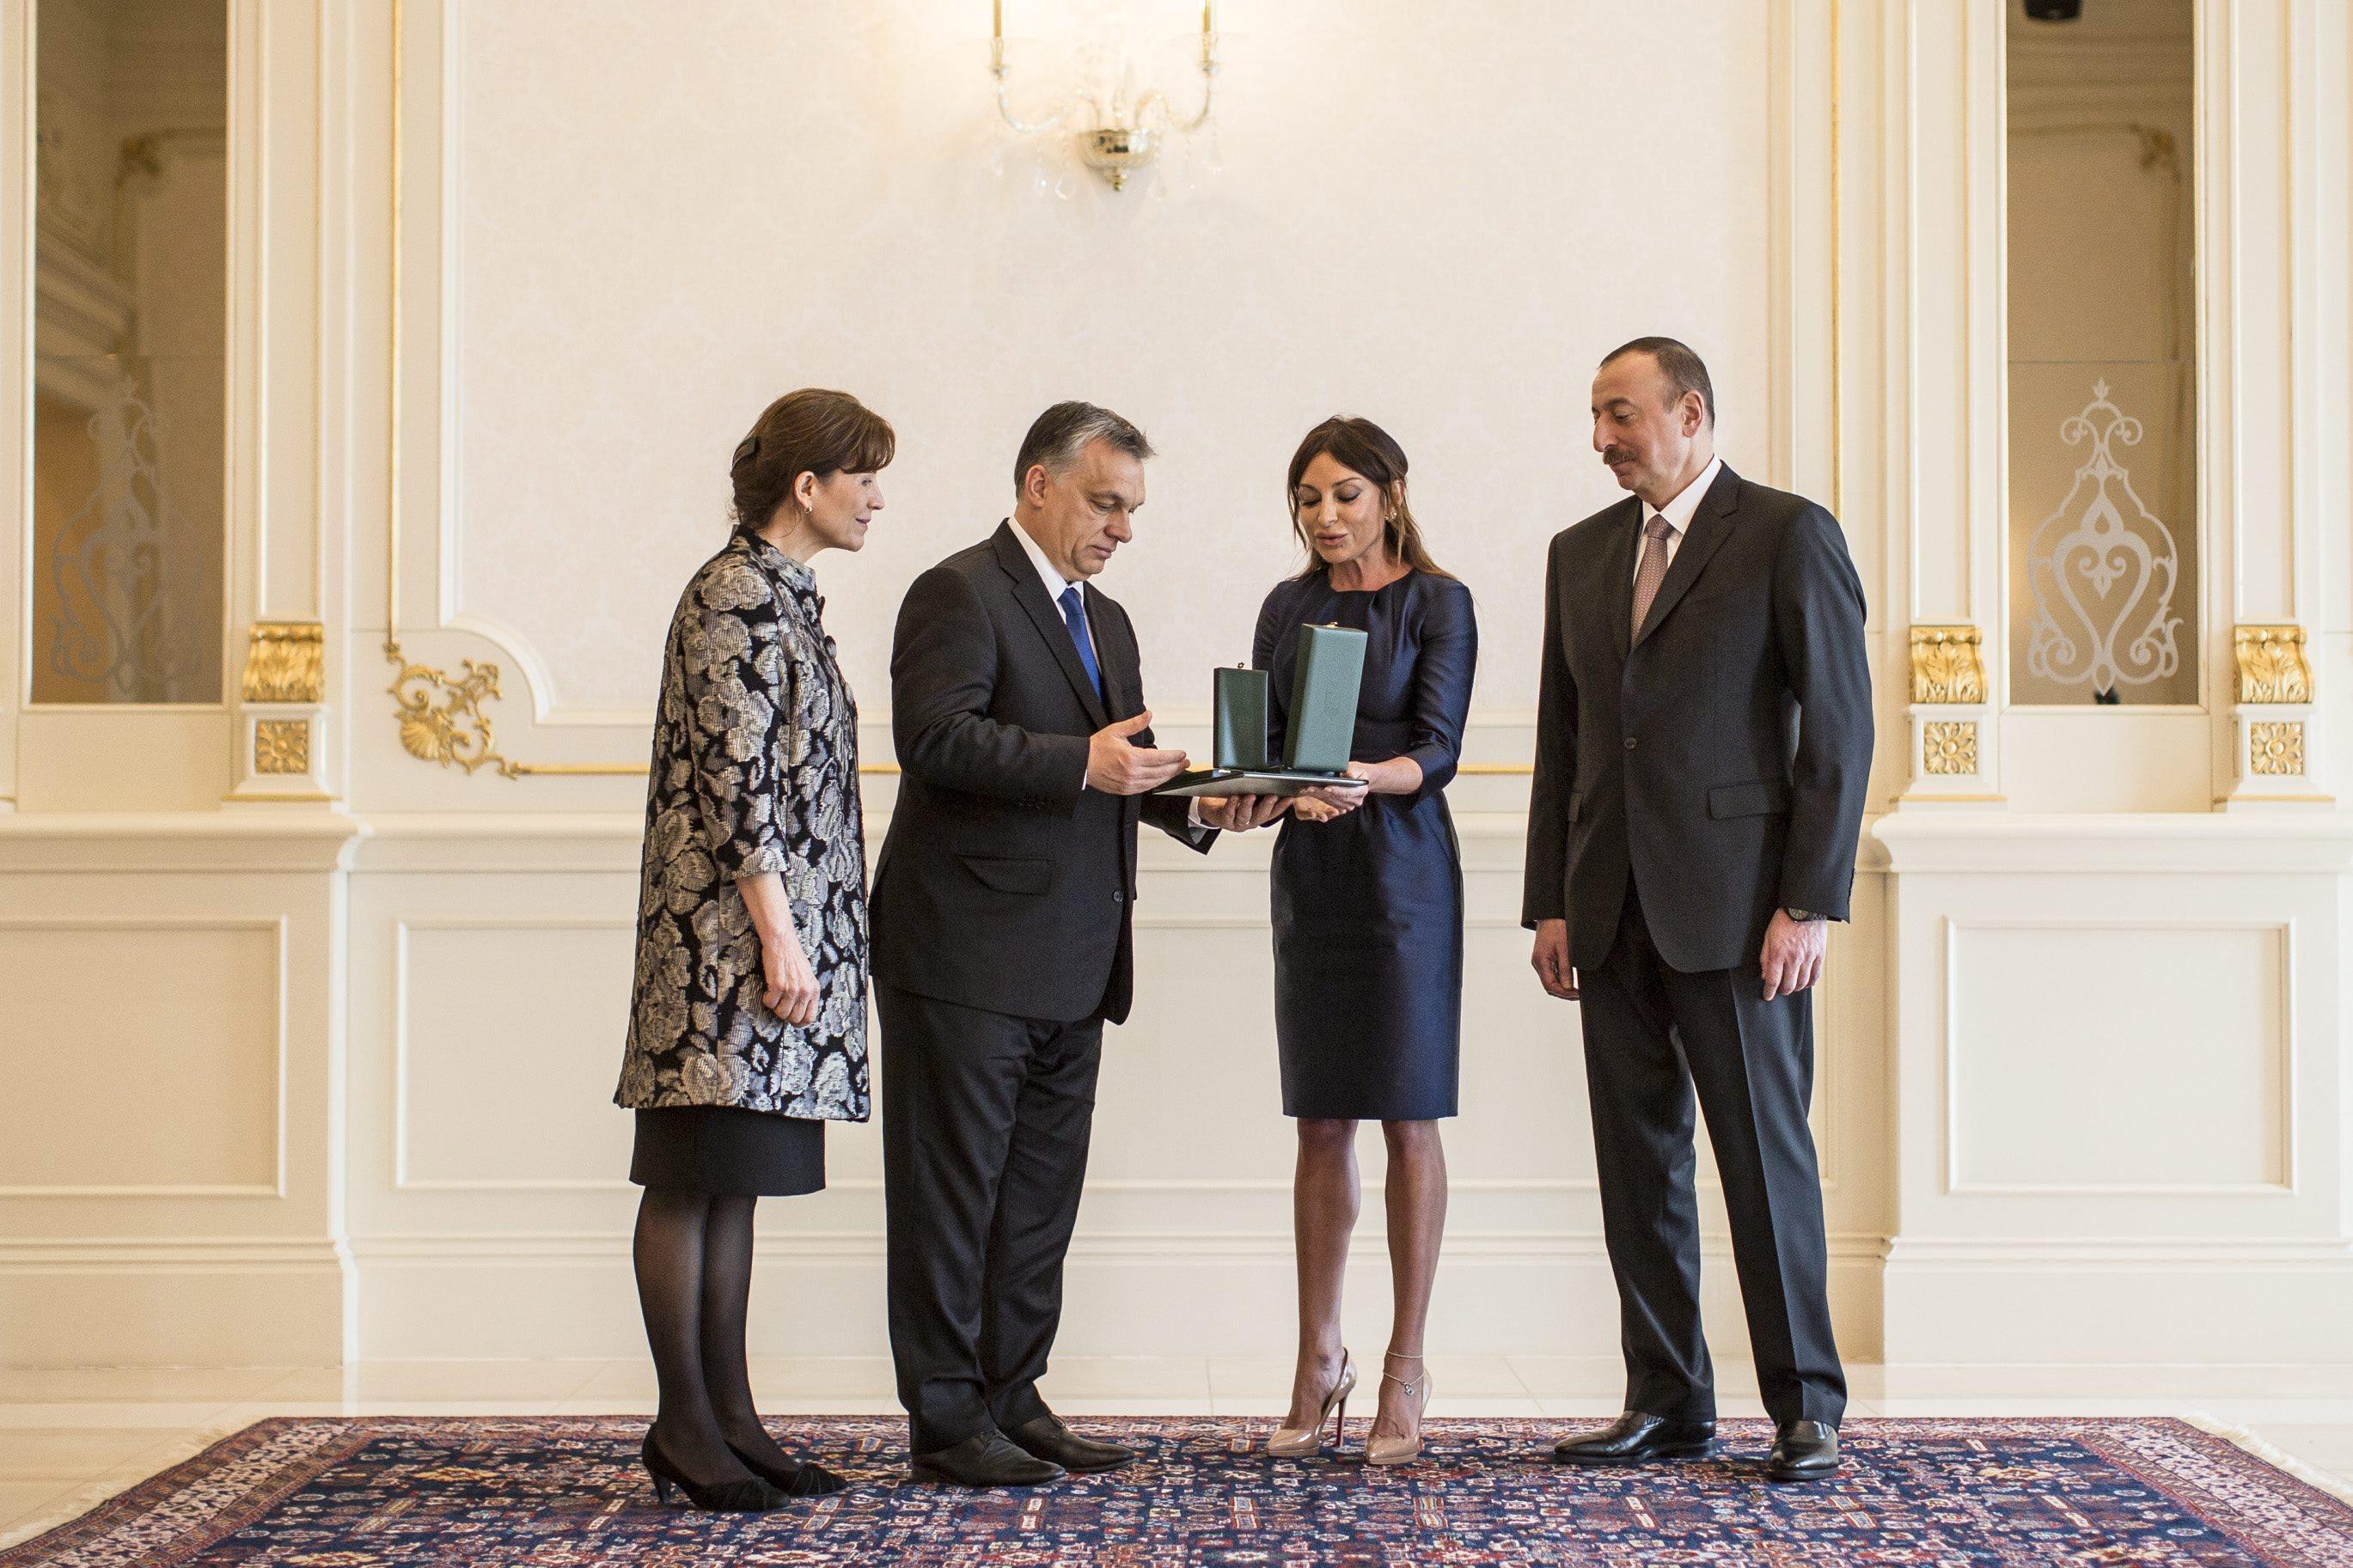 Azerbajdzsán magyaros választ adott arra, hogy a diktatúra politikai elitje egy 3 milliárd dolláros titkos alapot tartott fent európai politikusok és újságírók lefizetésére